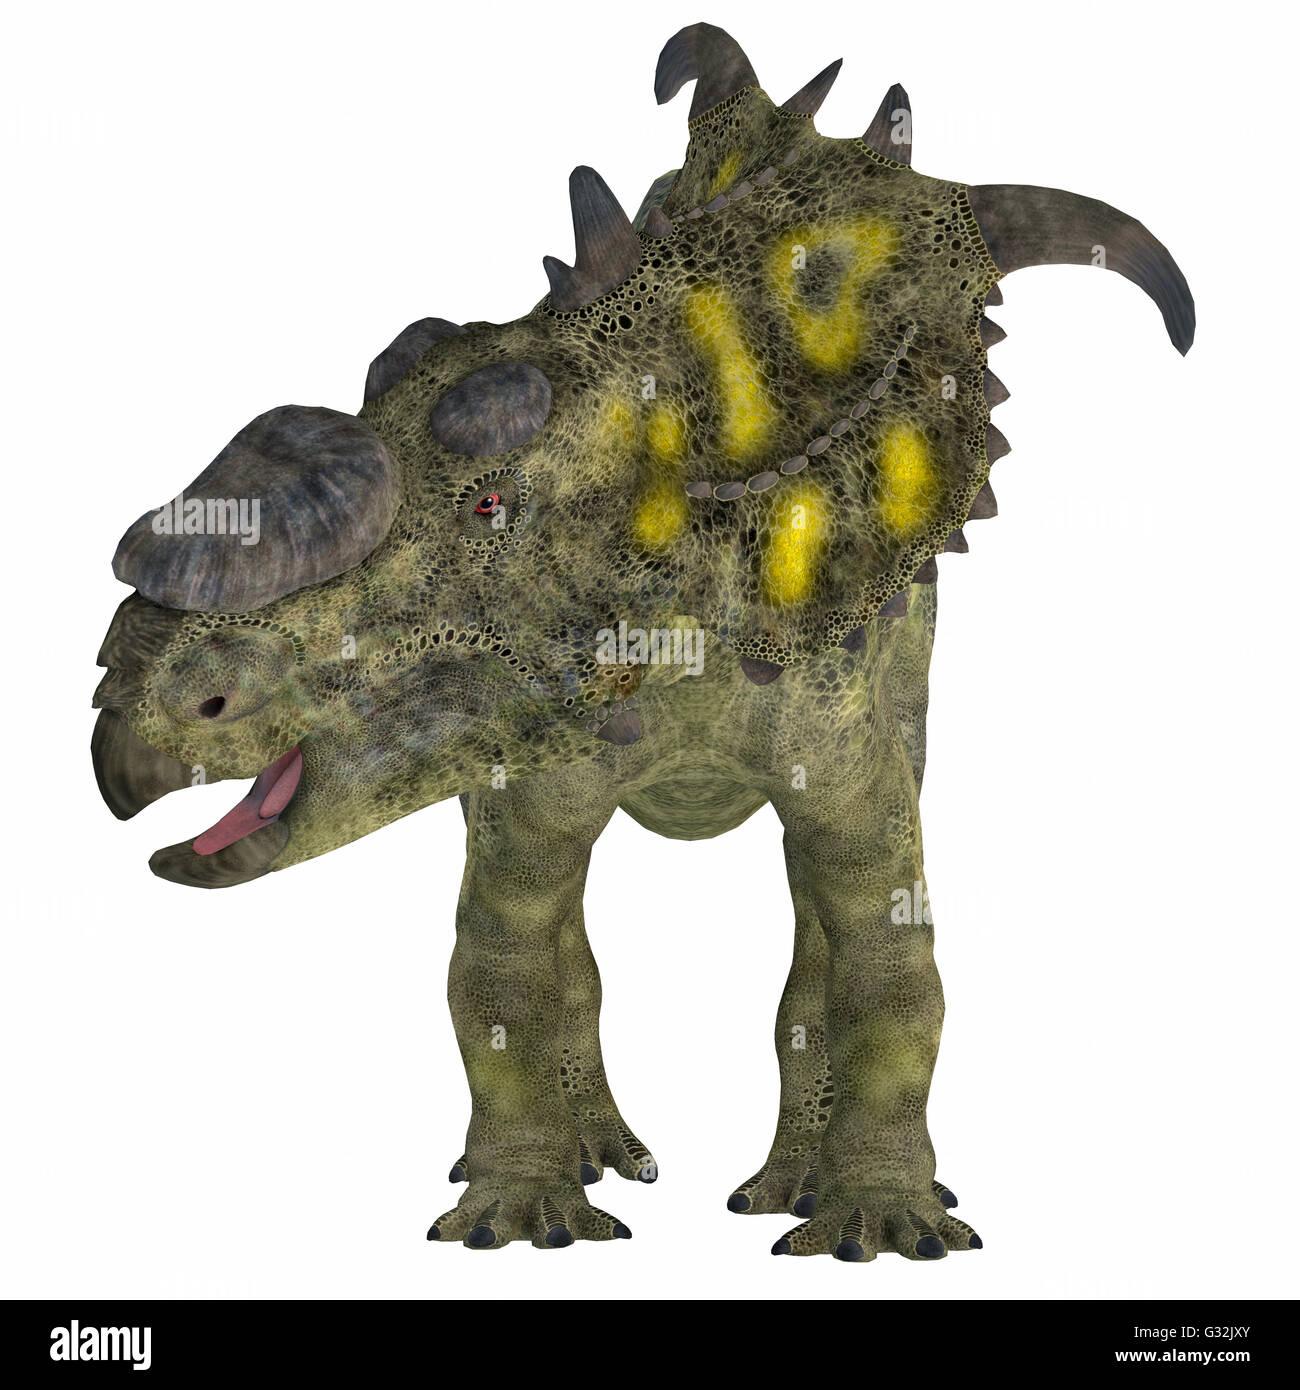 Pachyrhinosaurus cératopsidé était un dinosaure herbivore qui vivait au Crétacé de l'Alberta, Canada. Banque D'Images